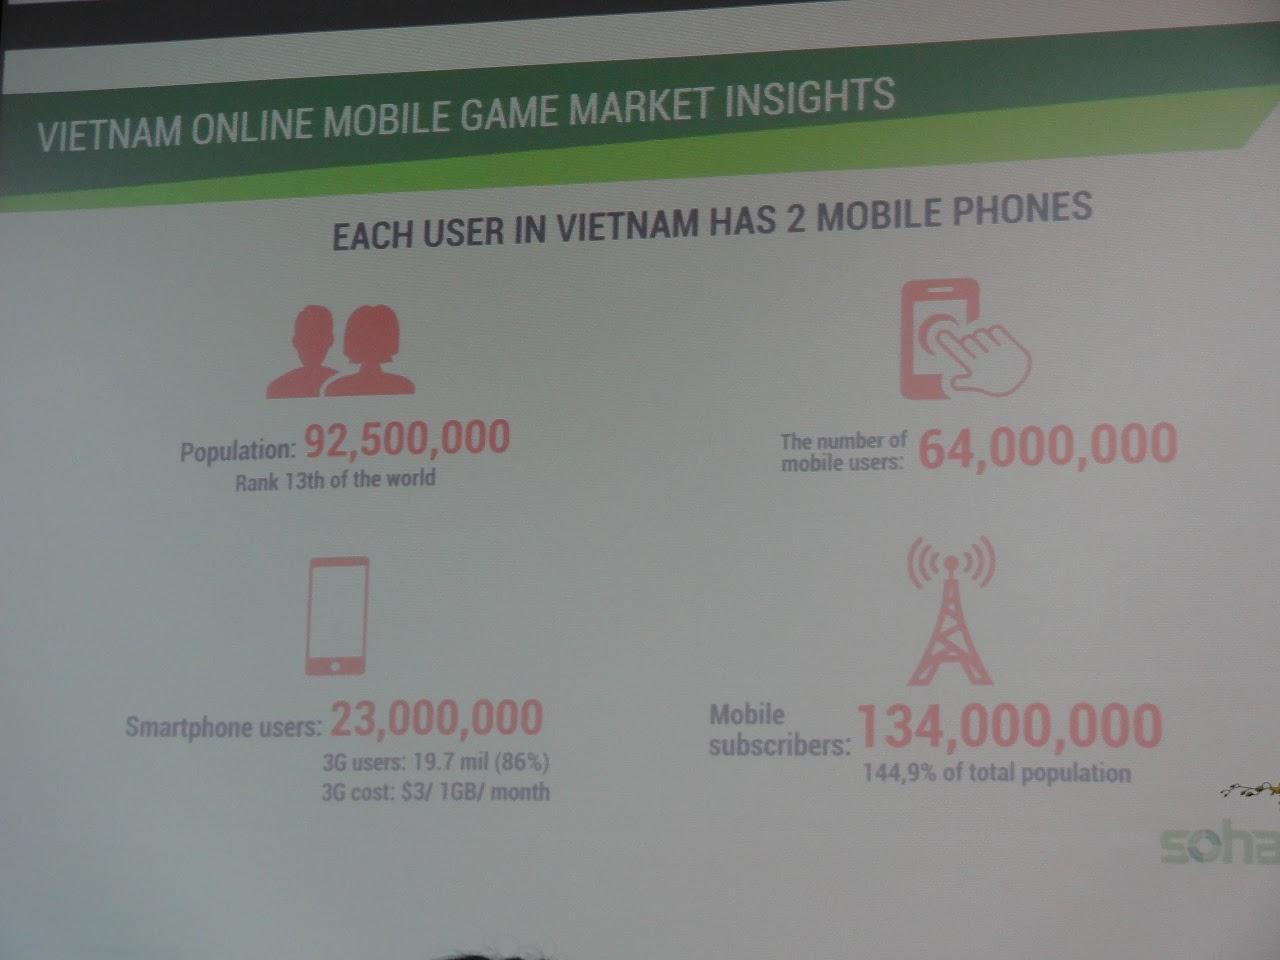 東南亞最大的手遊市場:越南